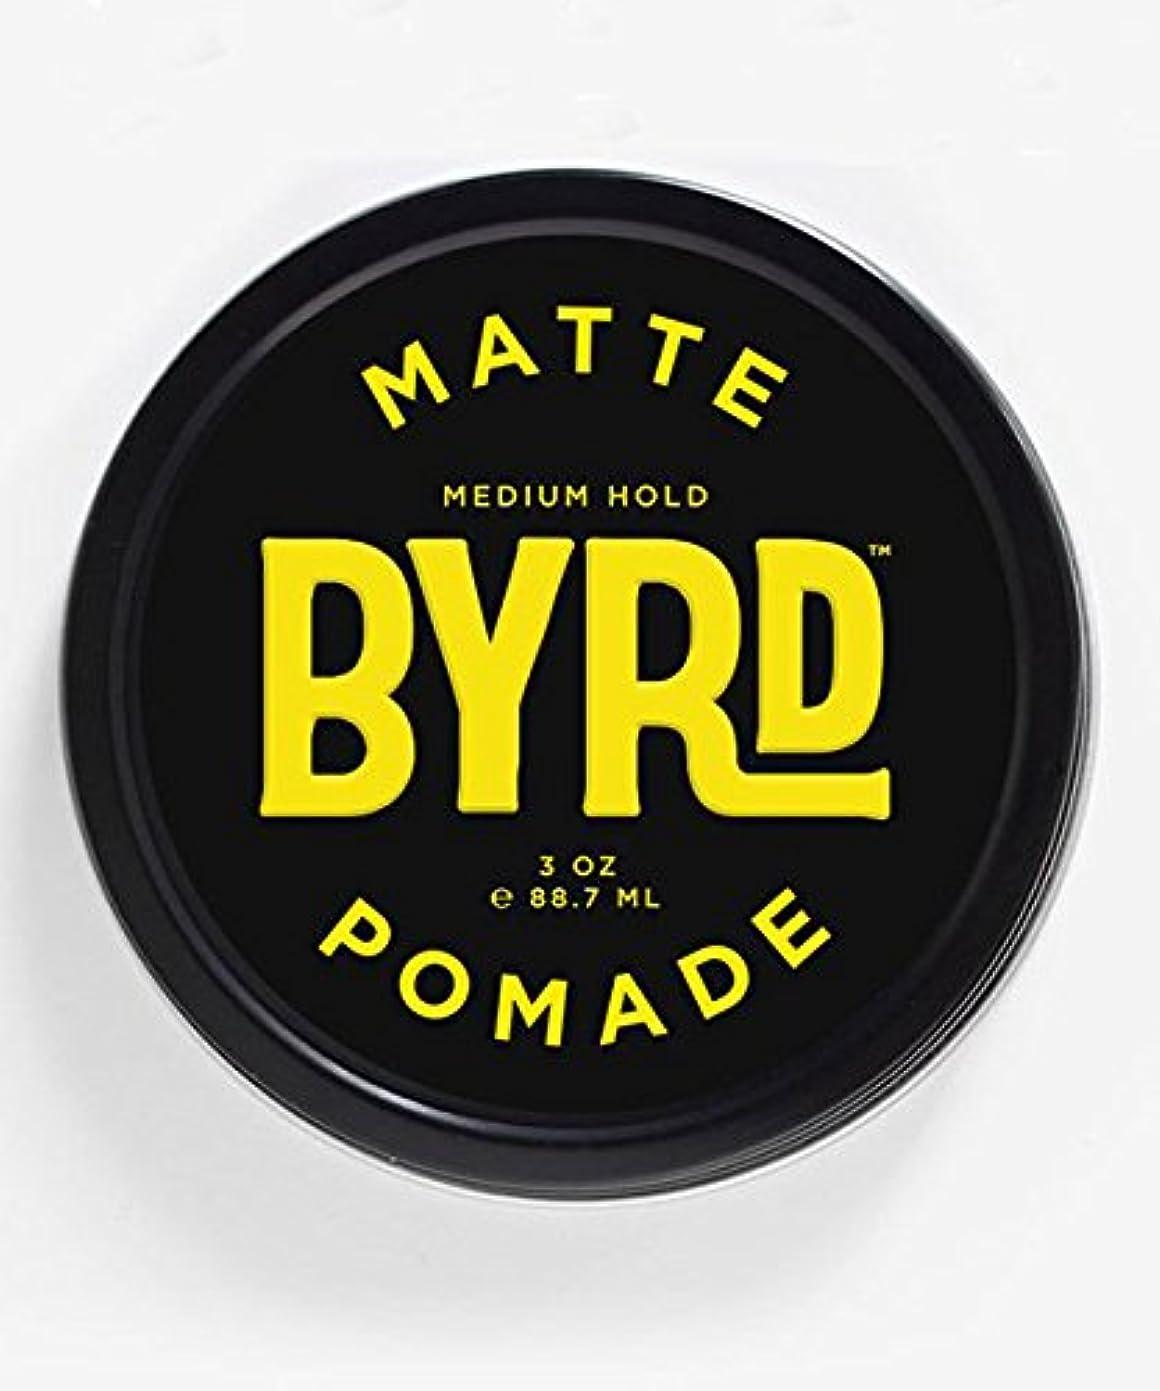 ニコチン羊飼い望まないBYRD(バード) マットポマード 85g